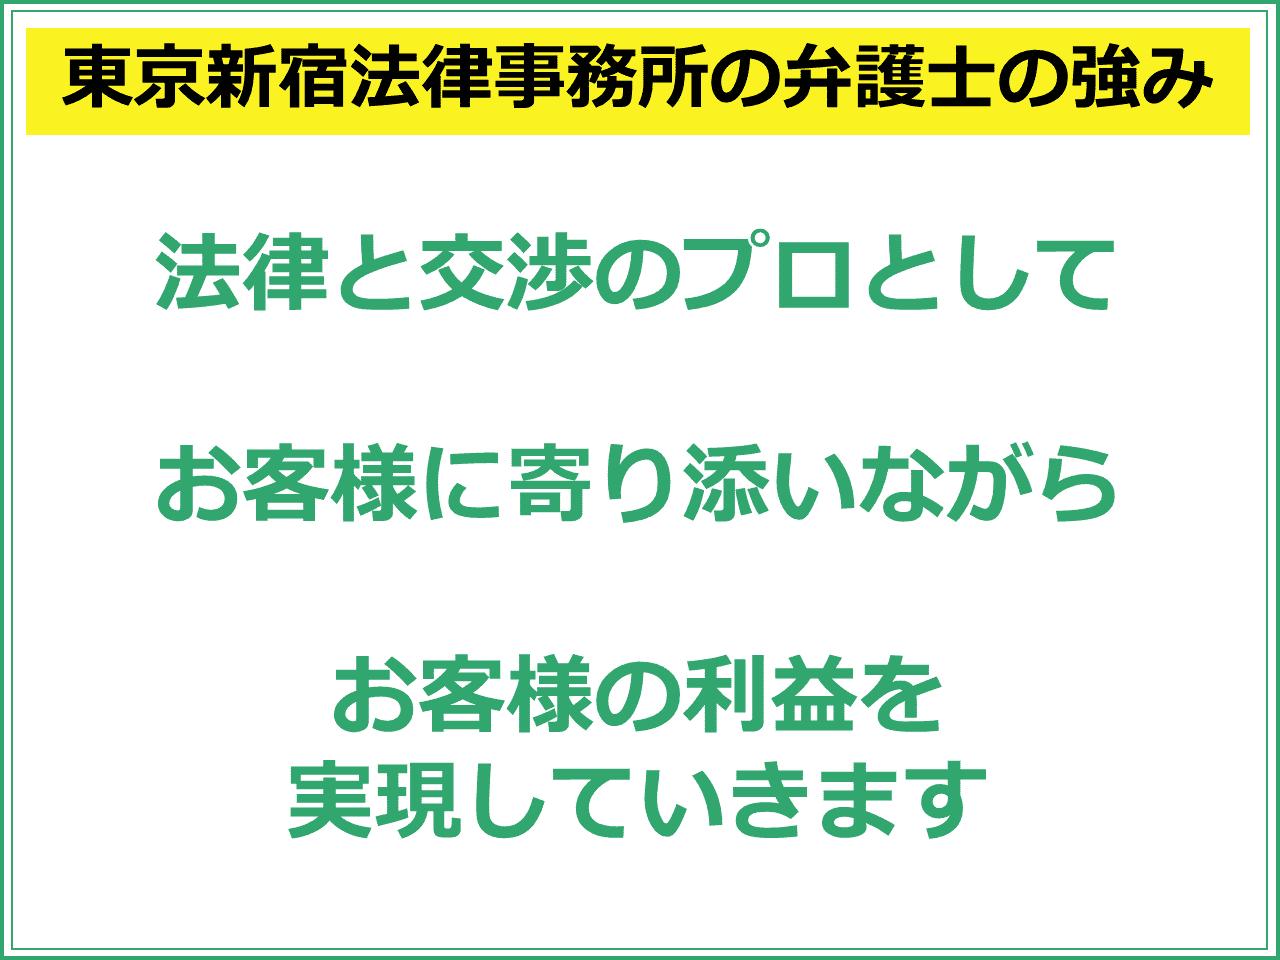 東京新宿法律事務所の弁護士の強み 法律と交渉のプロとしてお客様に寄り添いながらお客様の利益を実現していきます